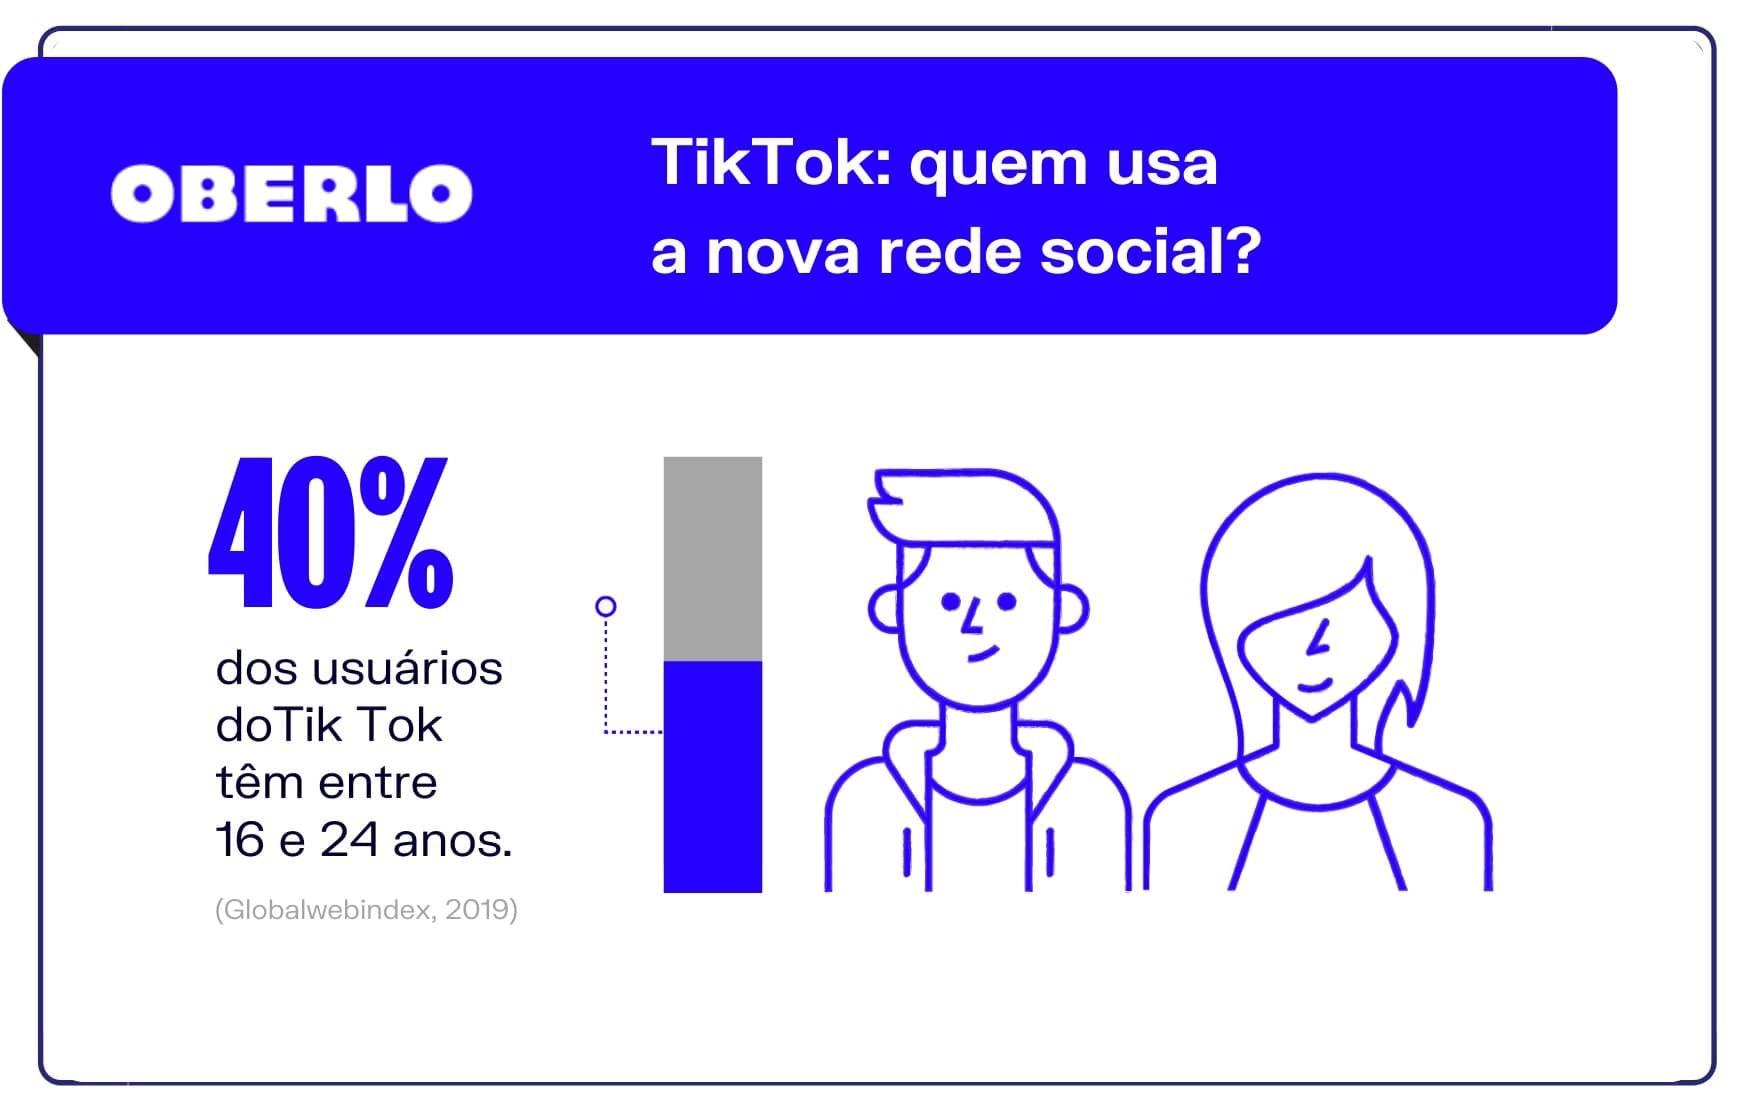 TikTok: quem usa a nova rede social?